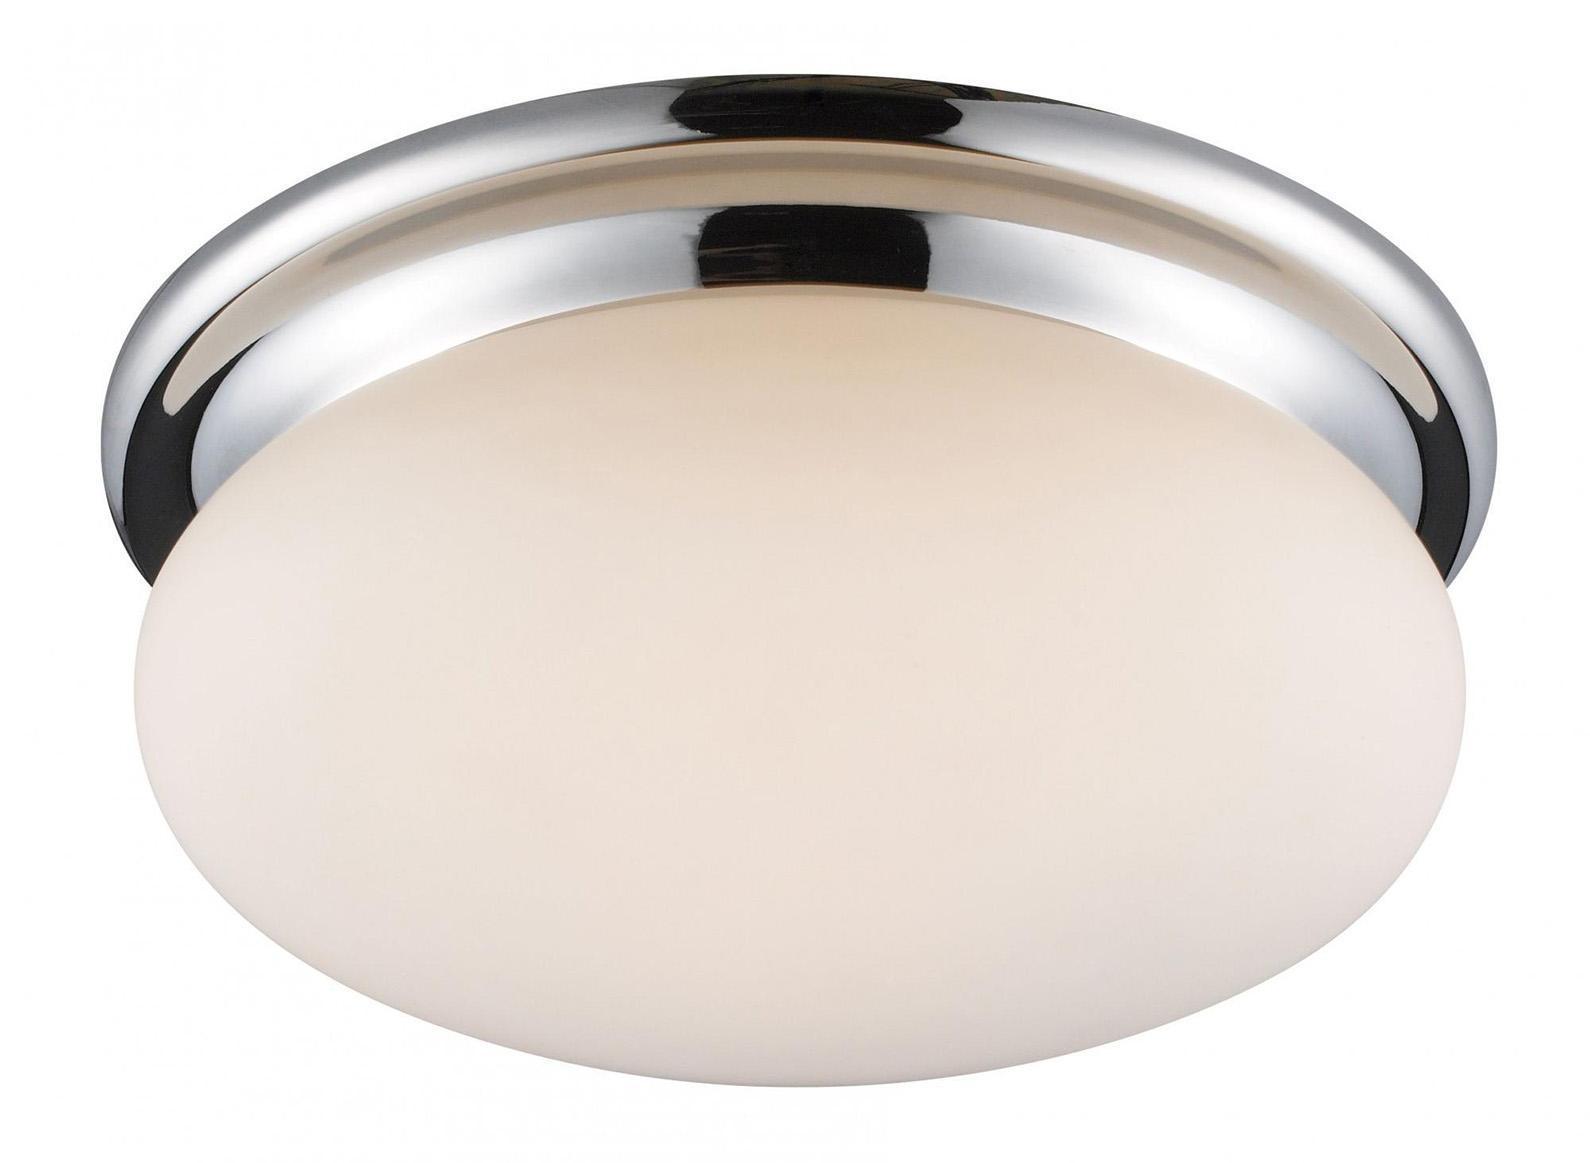 Светильник для ванной комнаты Arte lamp A2916pl-2cc накладной светильник arte lamp jasmine a4040pl 2cc